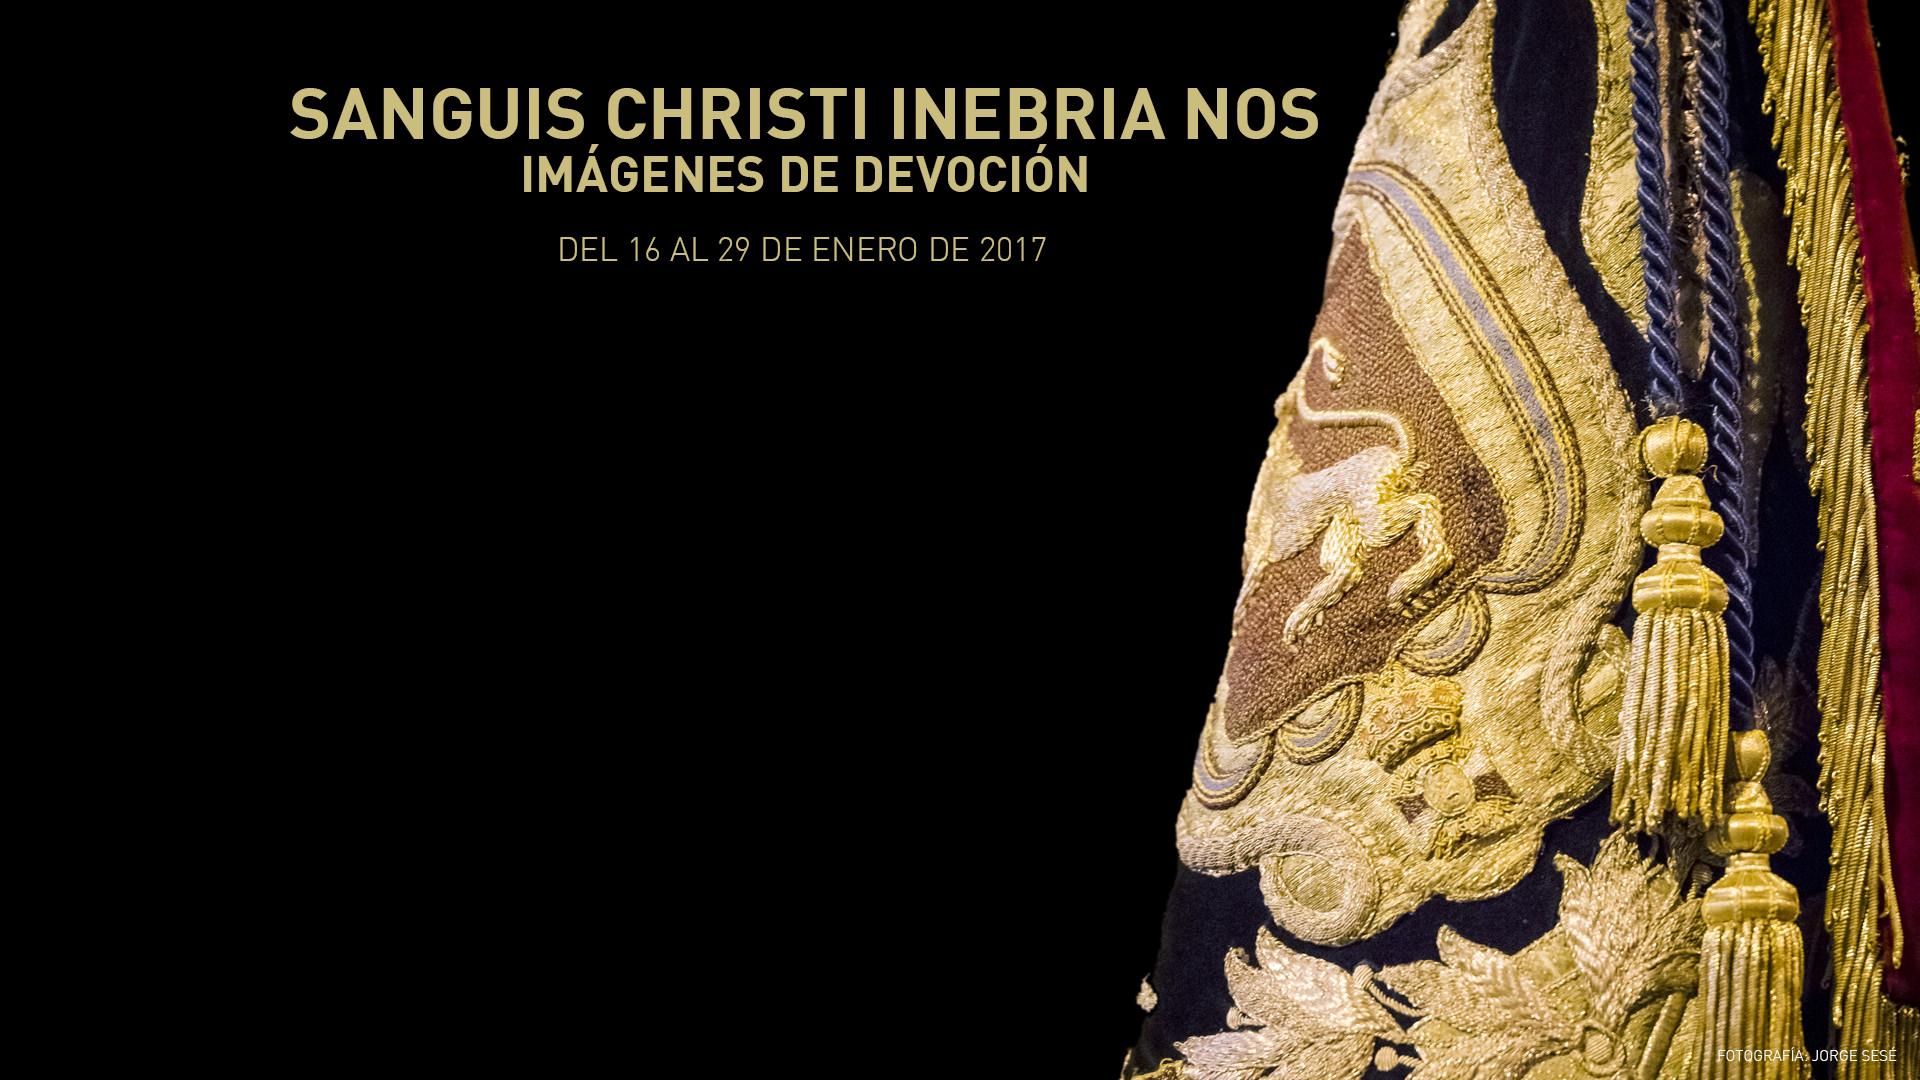 SANGUIS CHRISTI INEBRIA NOS